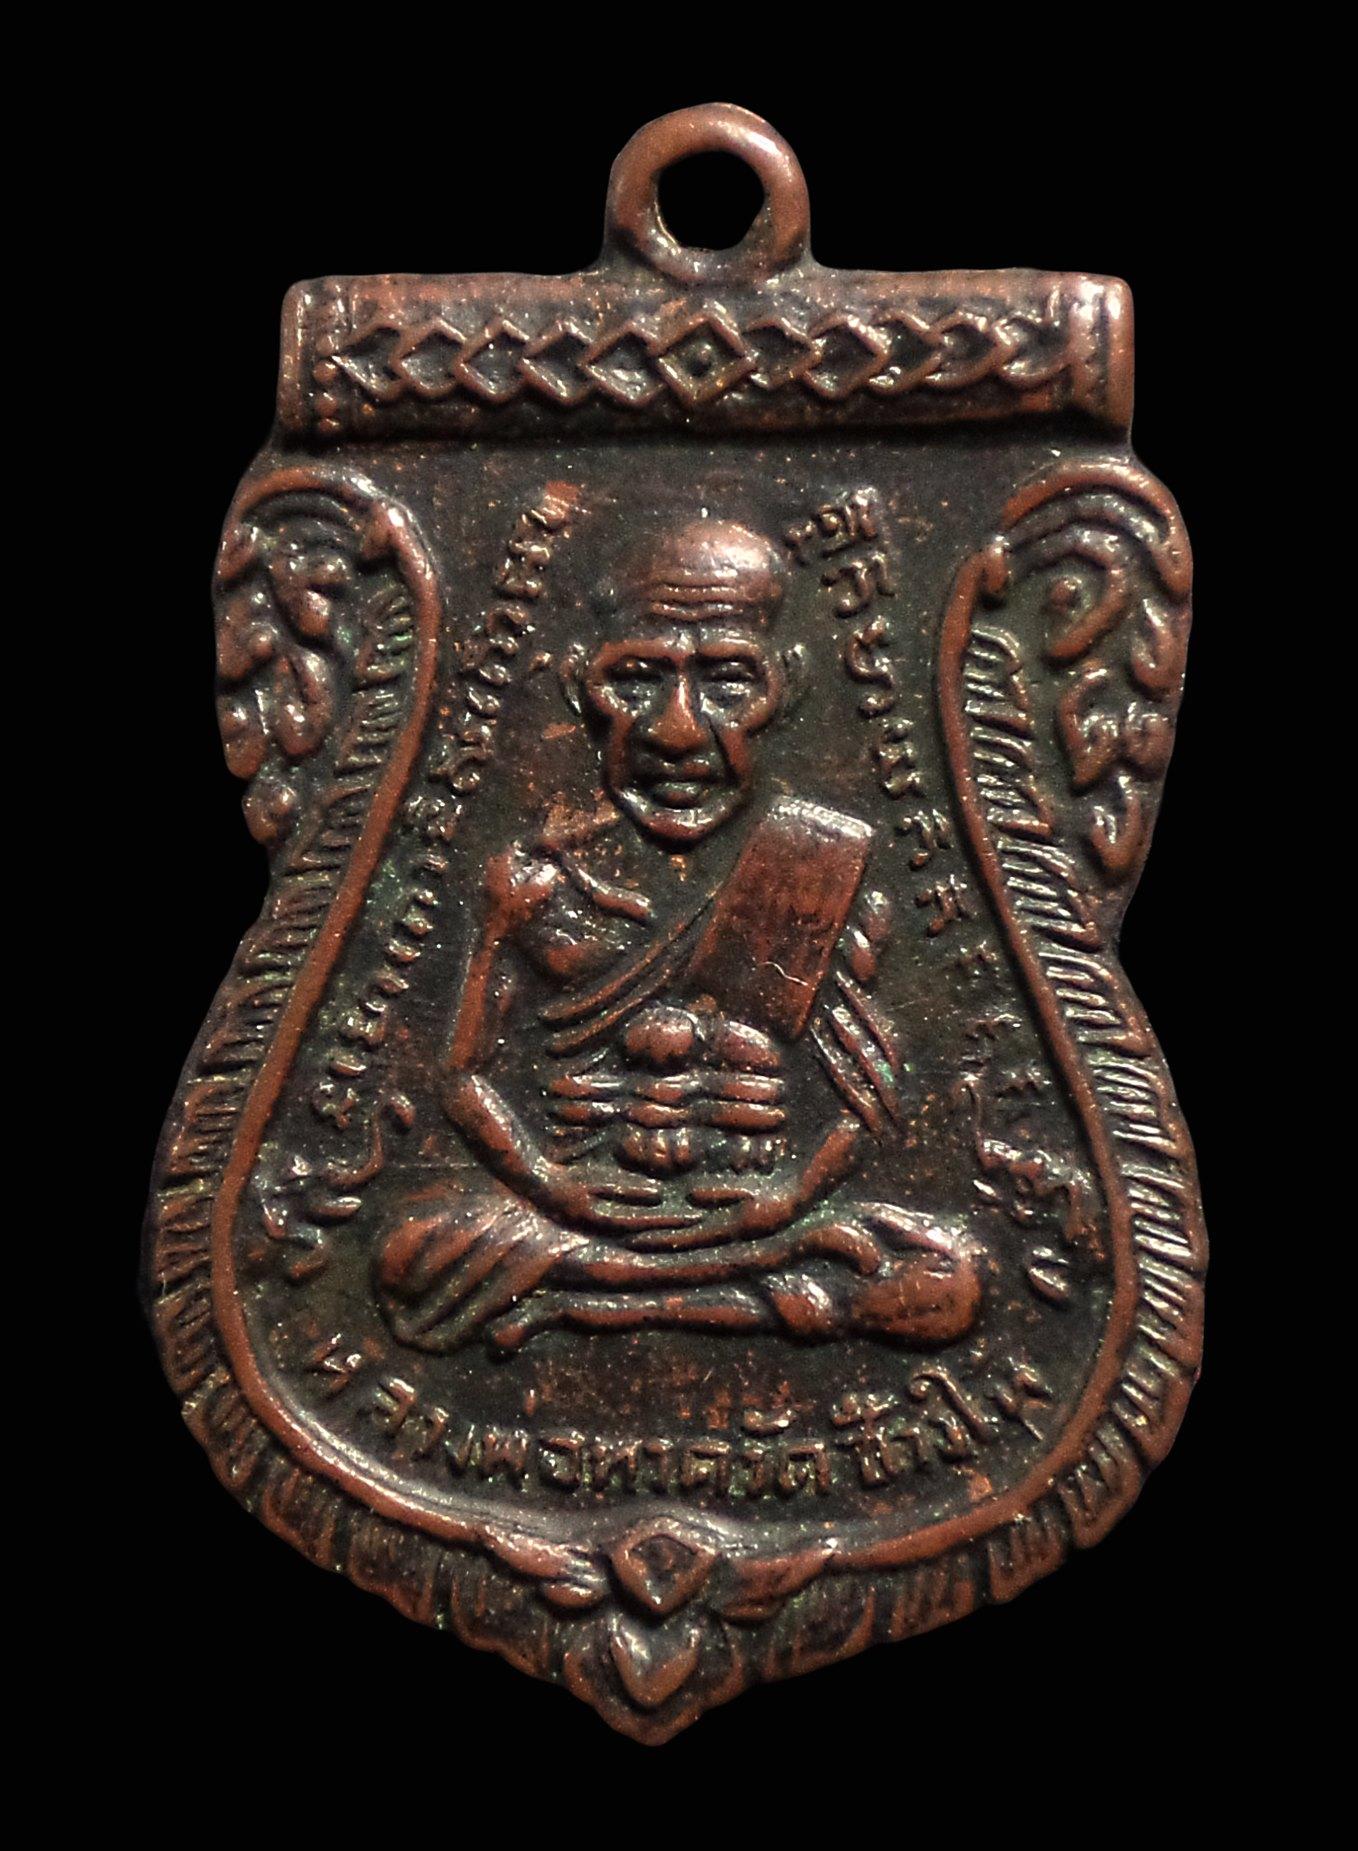 เหรียญ รุ่น3 บล็อคแขนแตก หลวงปู่ทวด วัดช้างให้ จ.ปัตตานี ปี2504 สุดยอดประสบการ